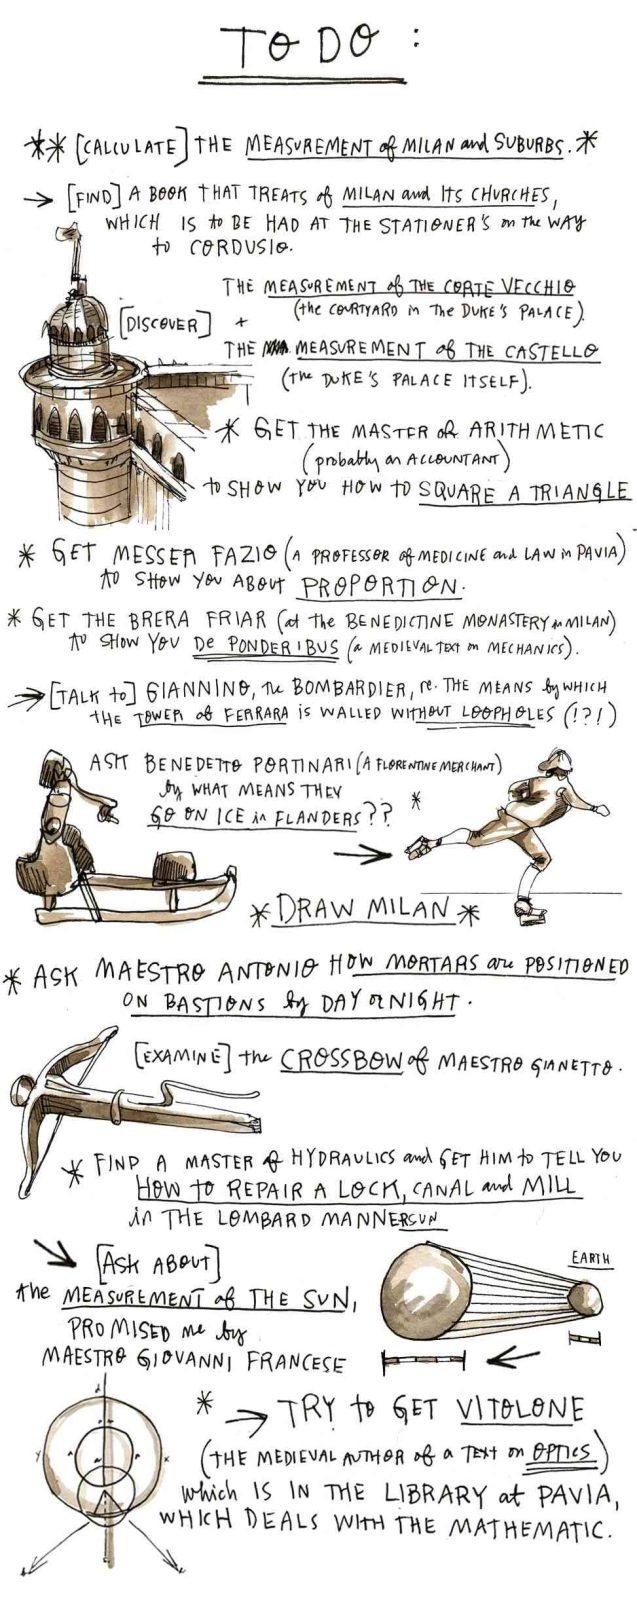 Leonardo's To-Do List